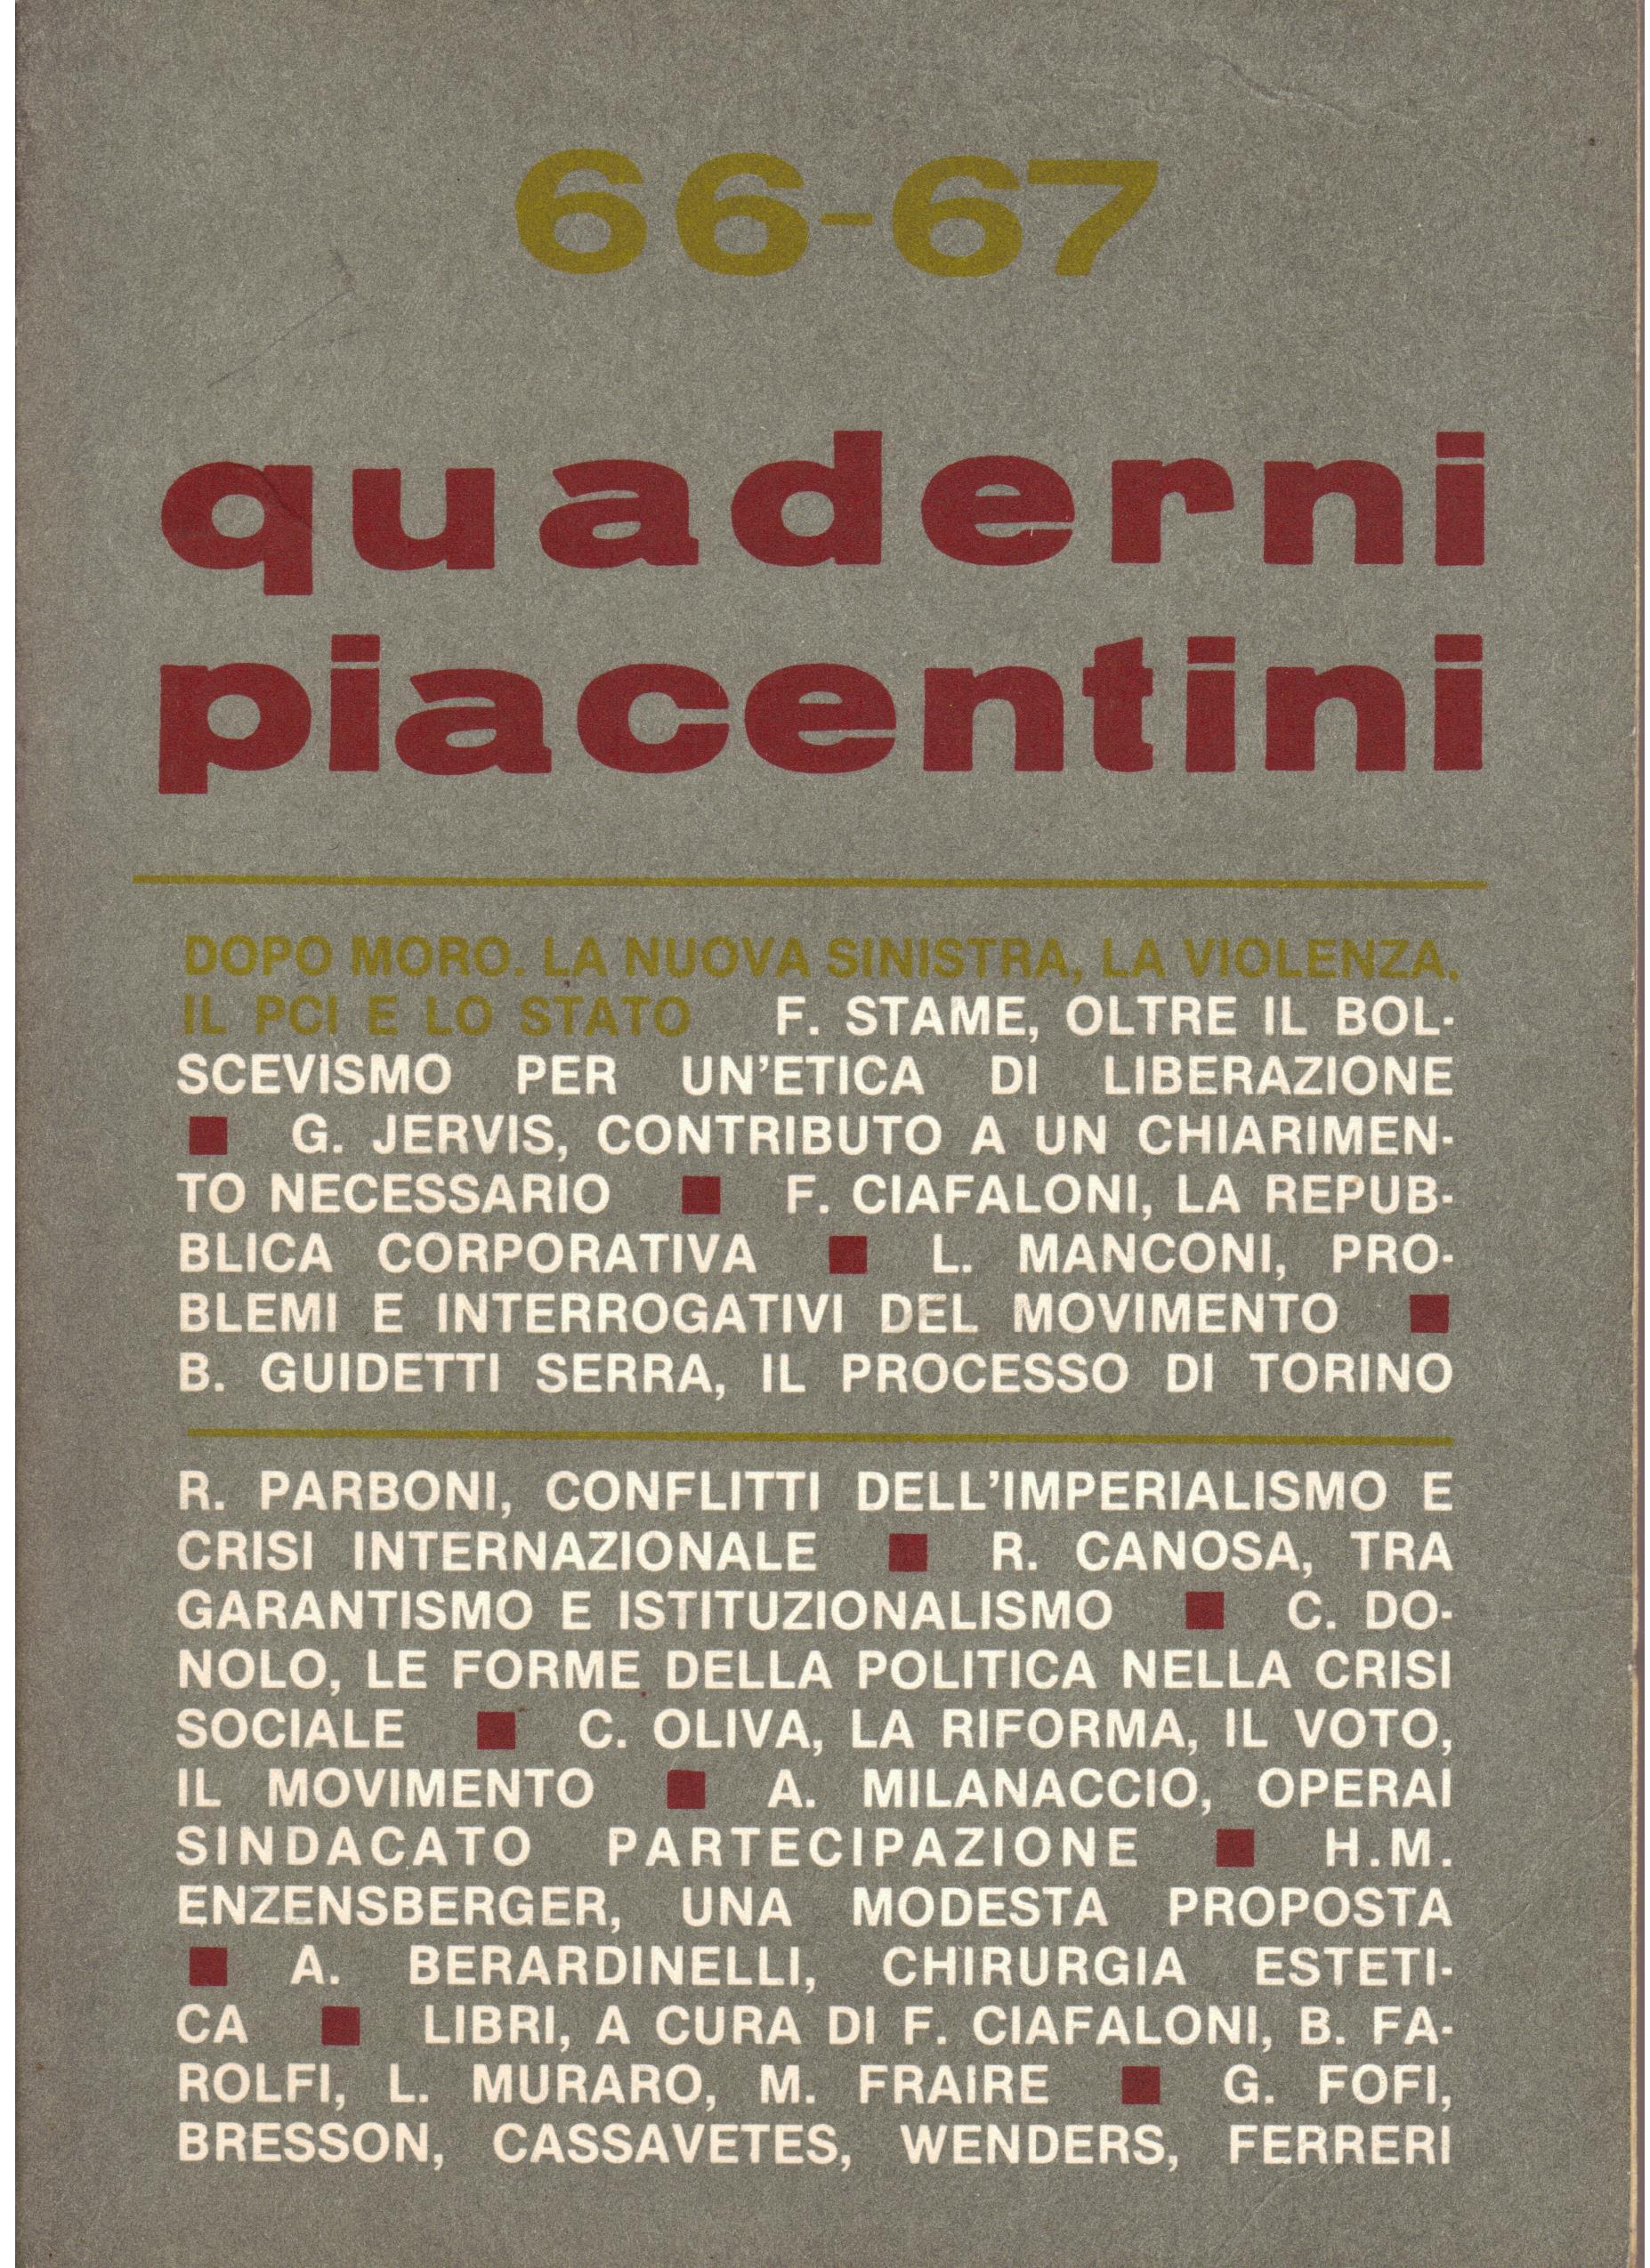 Quaderni piacentini Anno XVII, n. 66-67 (giugno 1978)